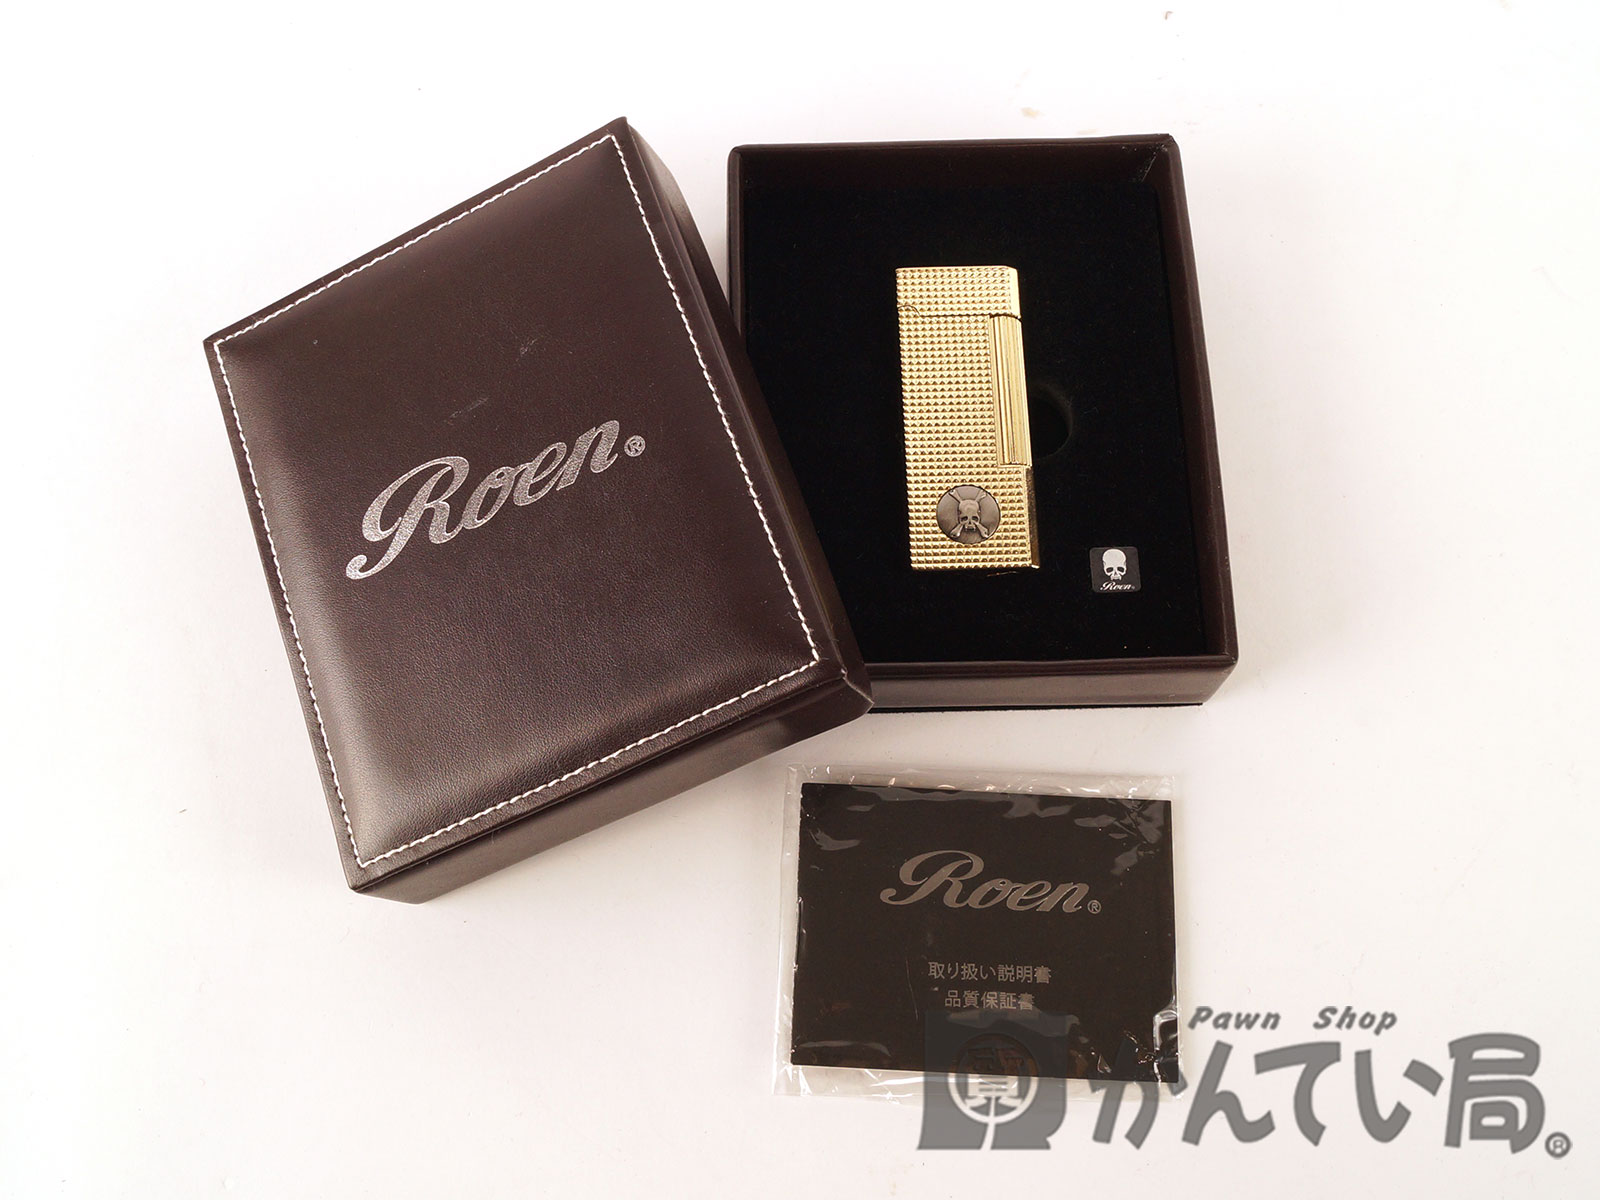 【ROEN】ロエン ライター ジッポ ゴールド メンズアイテム 【中古】F67-2461 USED-B かんてい局本社